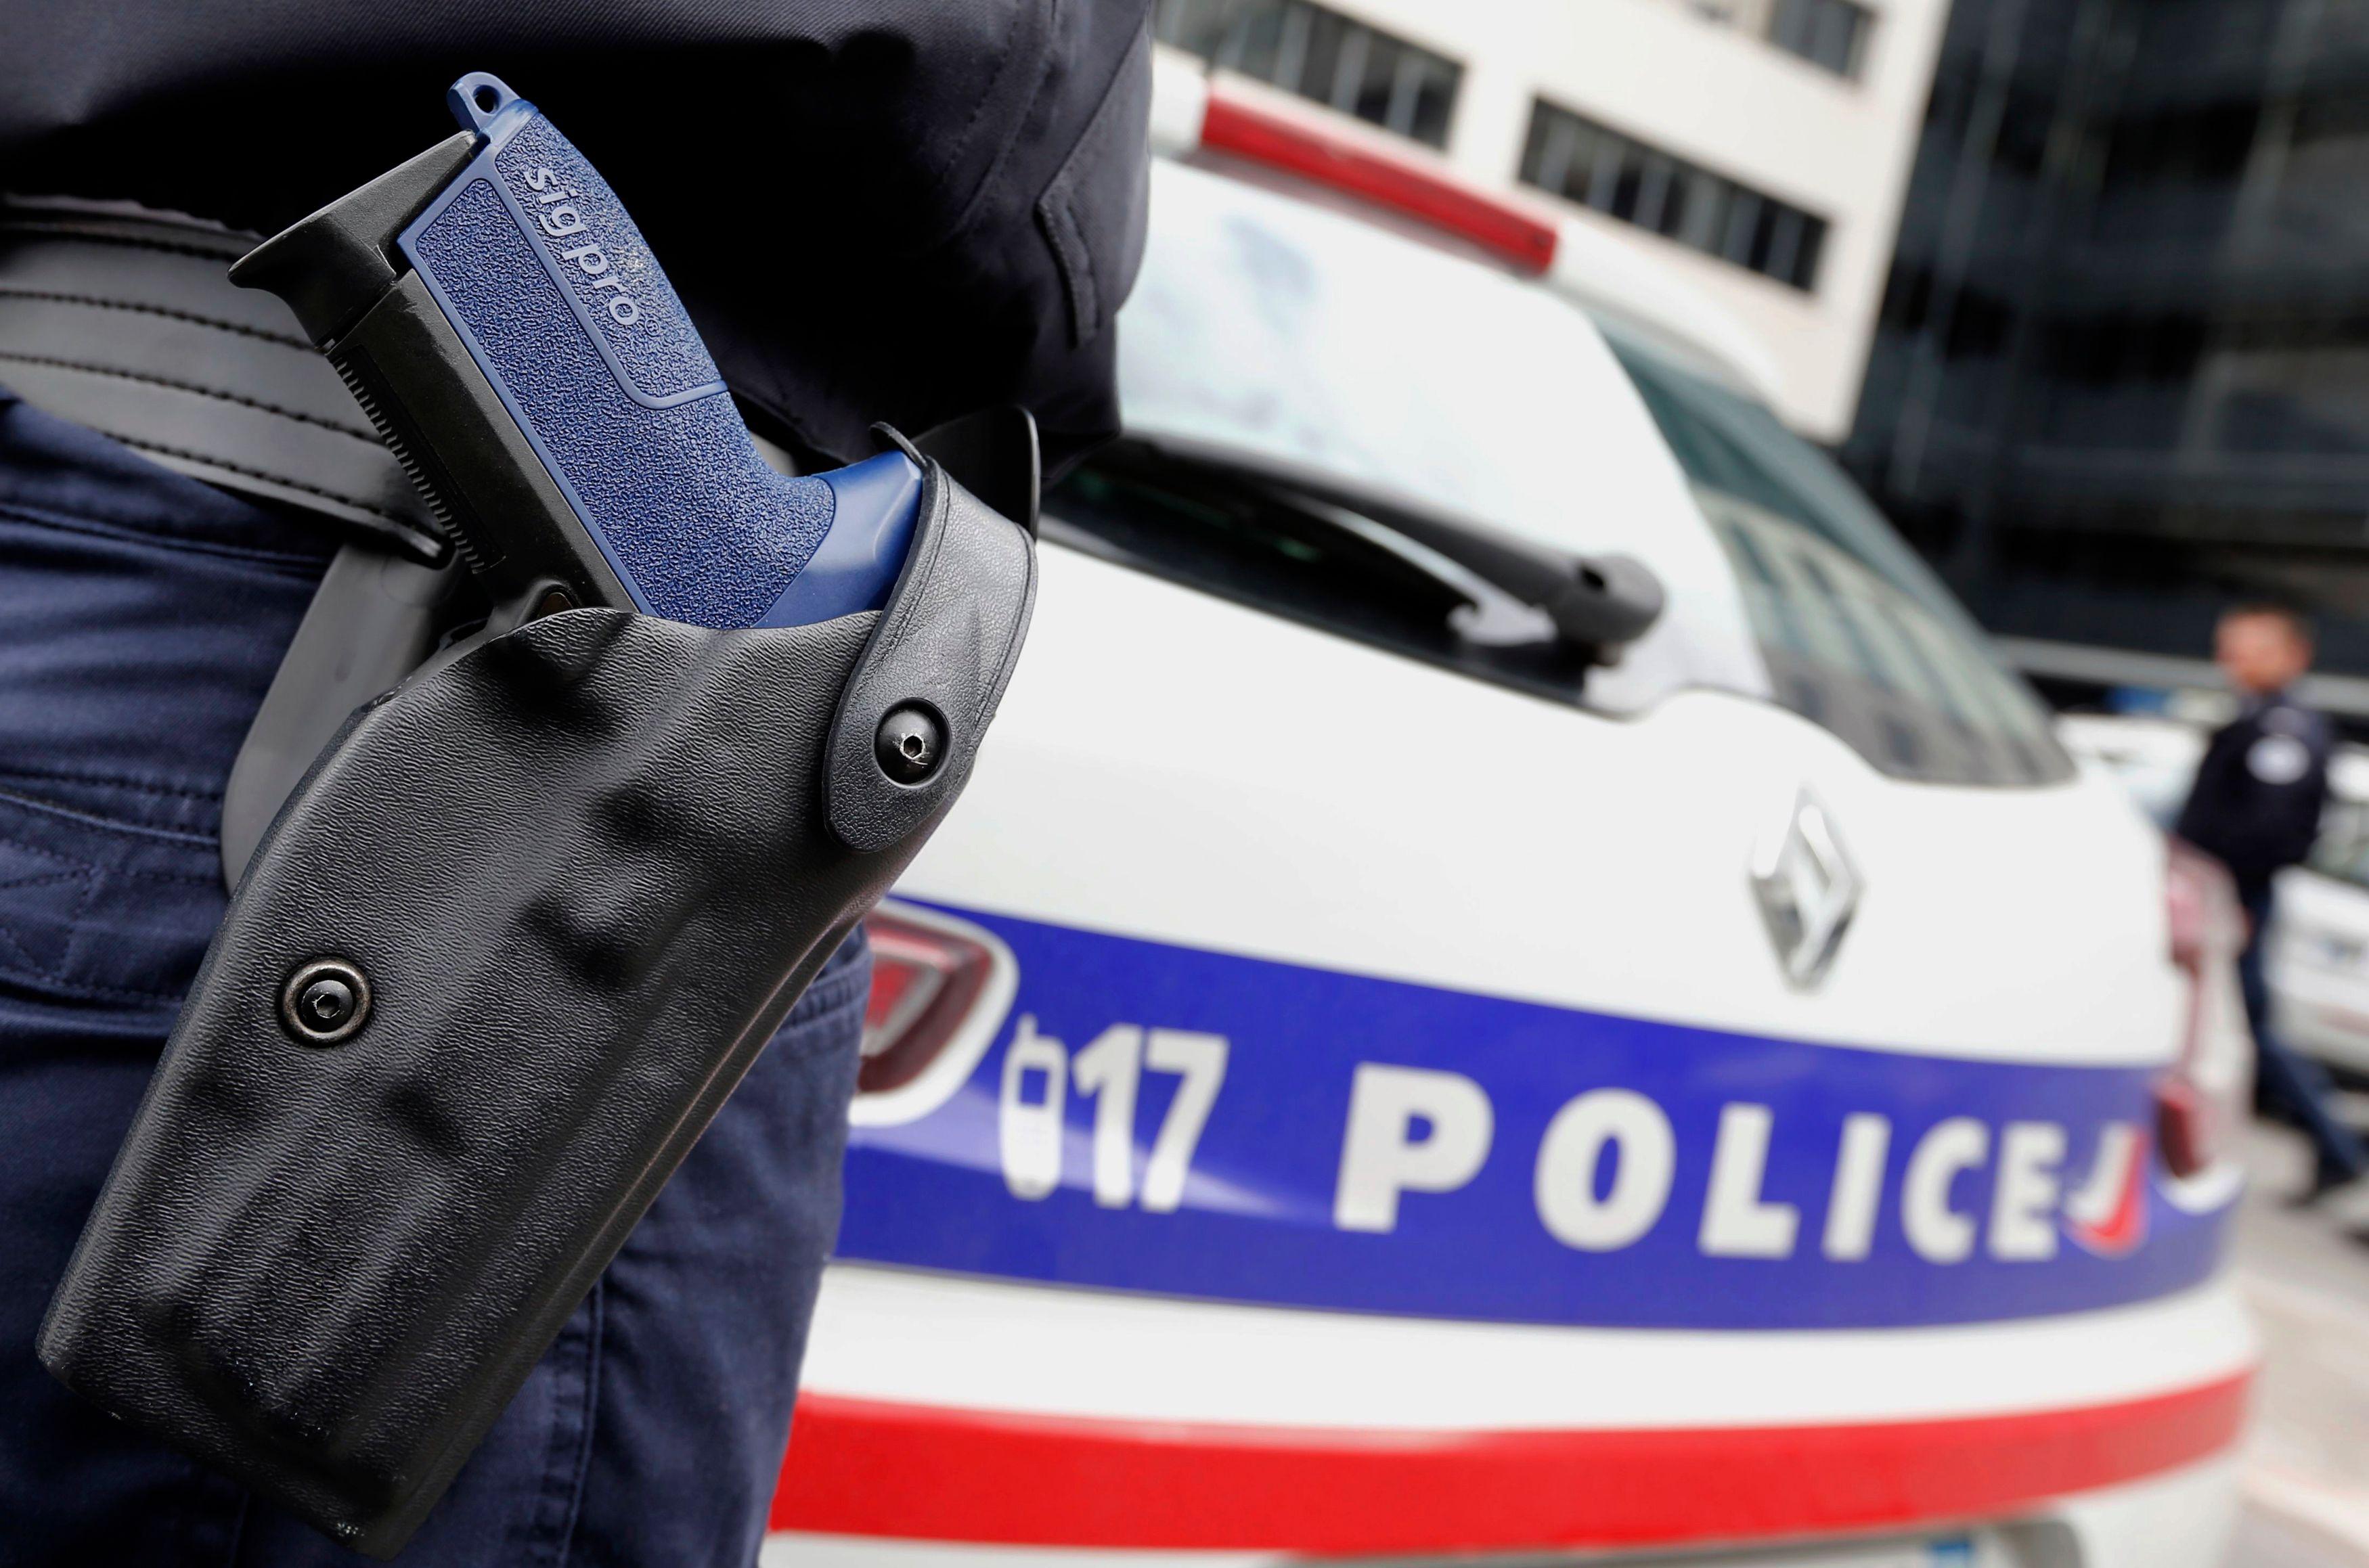 Les Français accordent plus d'importance à la police qu'à l'Éducation nationale